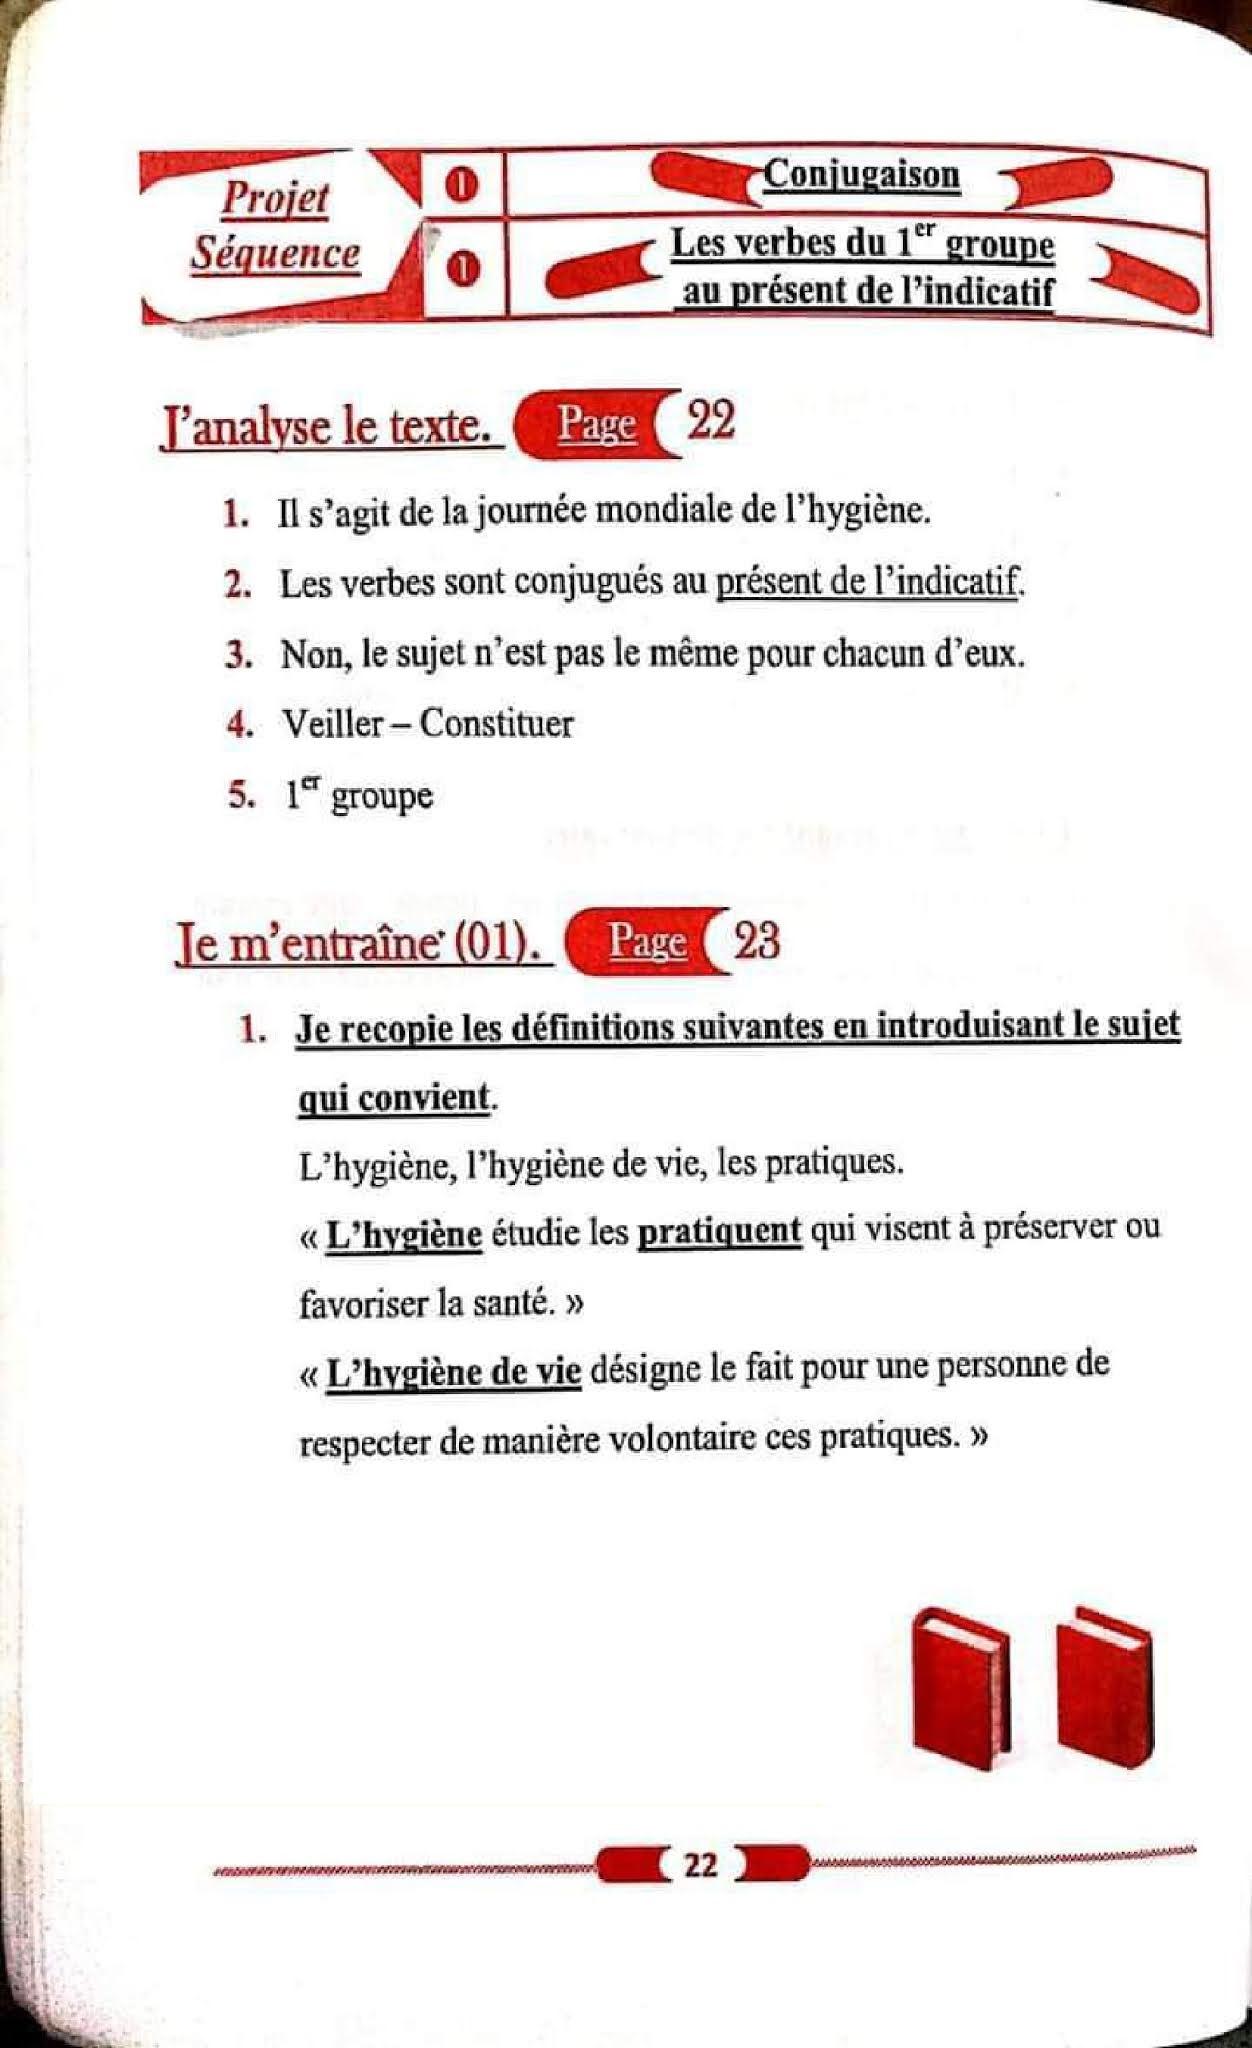 حل تمارين صفحة 23 الفرنسية 1 متوسط الجيل الثاني